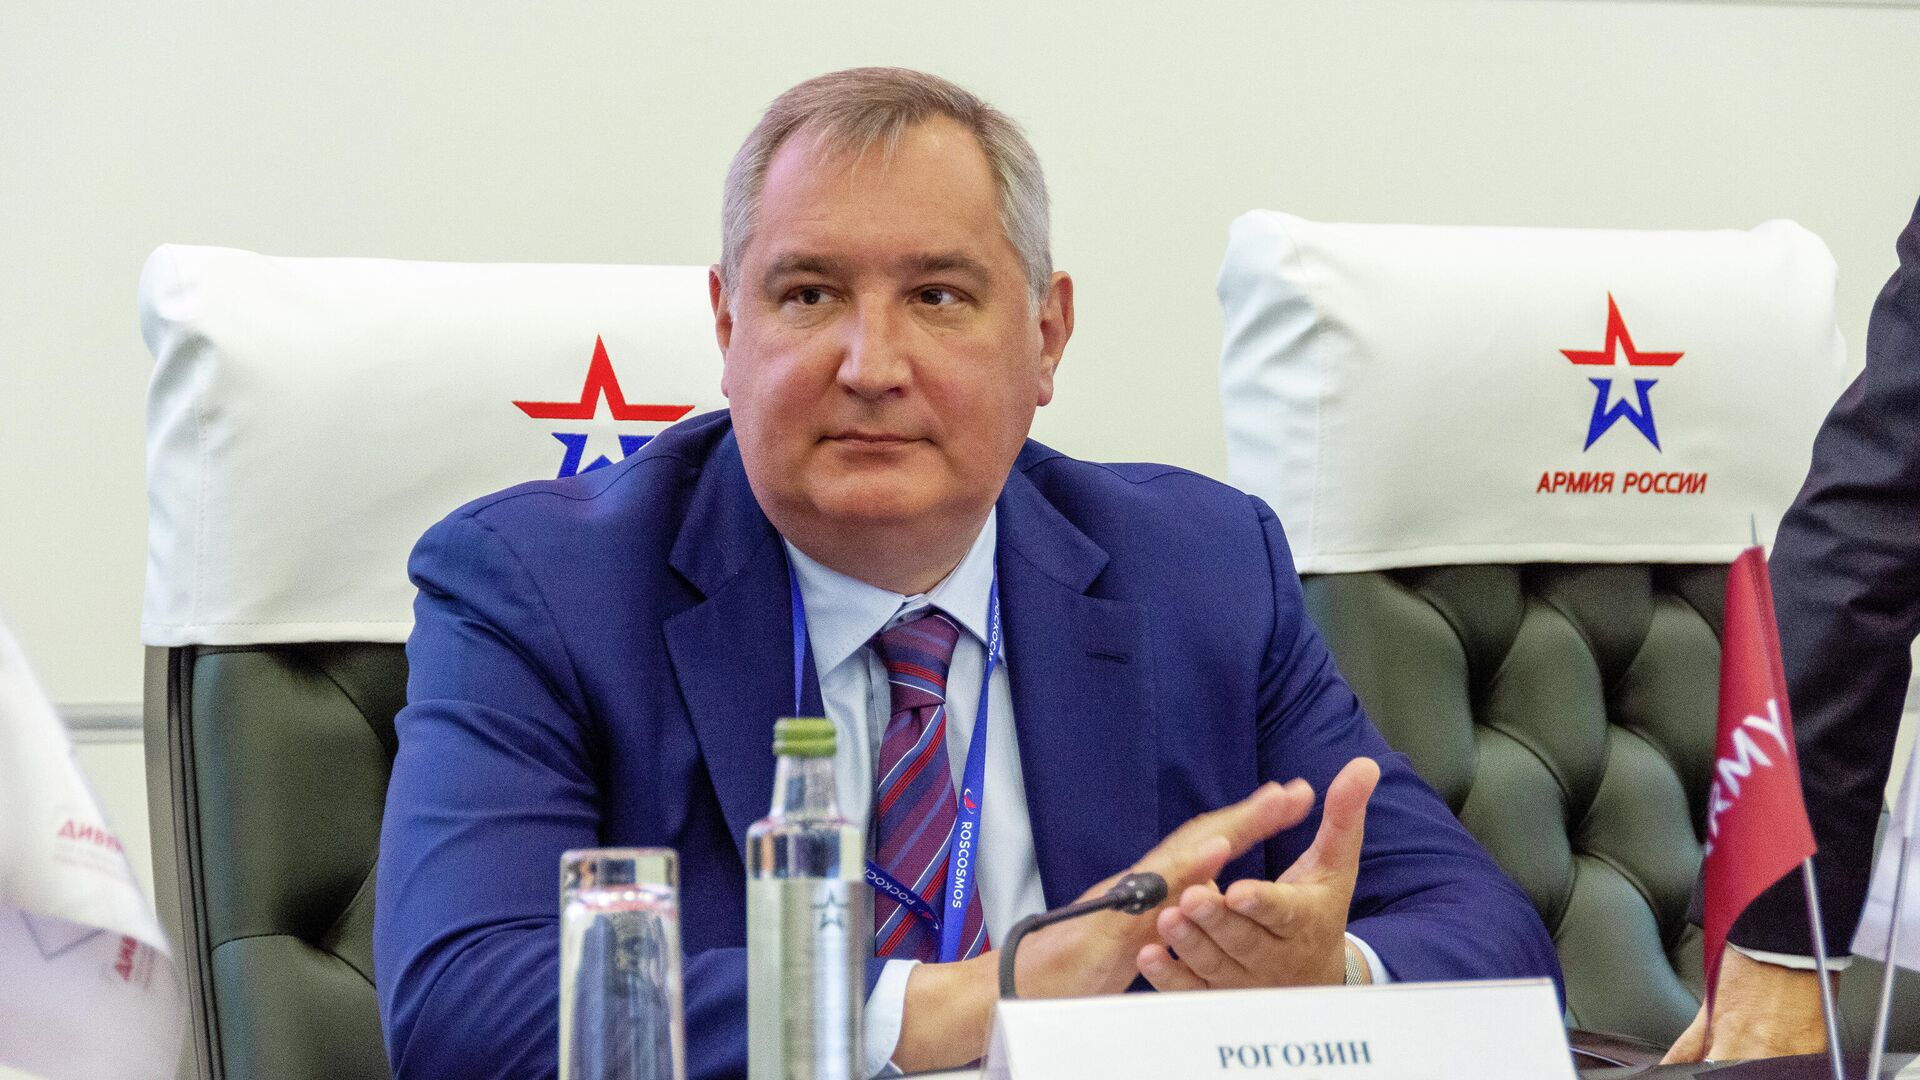 Российские специалисты подтвердили окупаемость проекта Маска